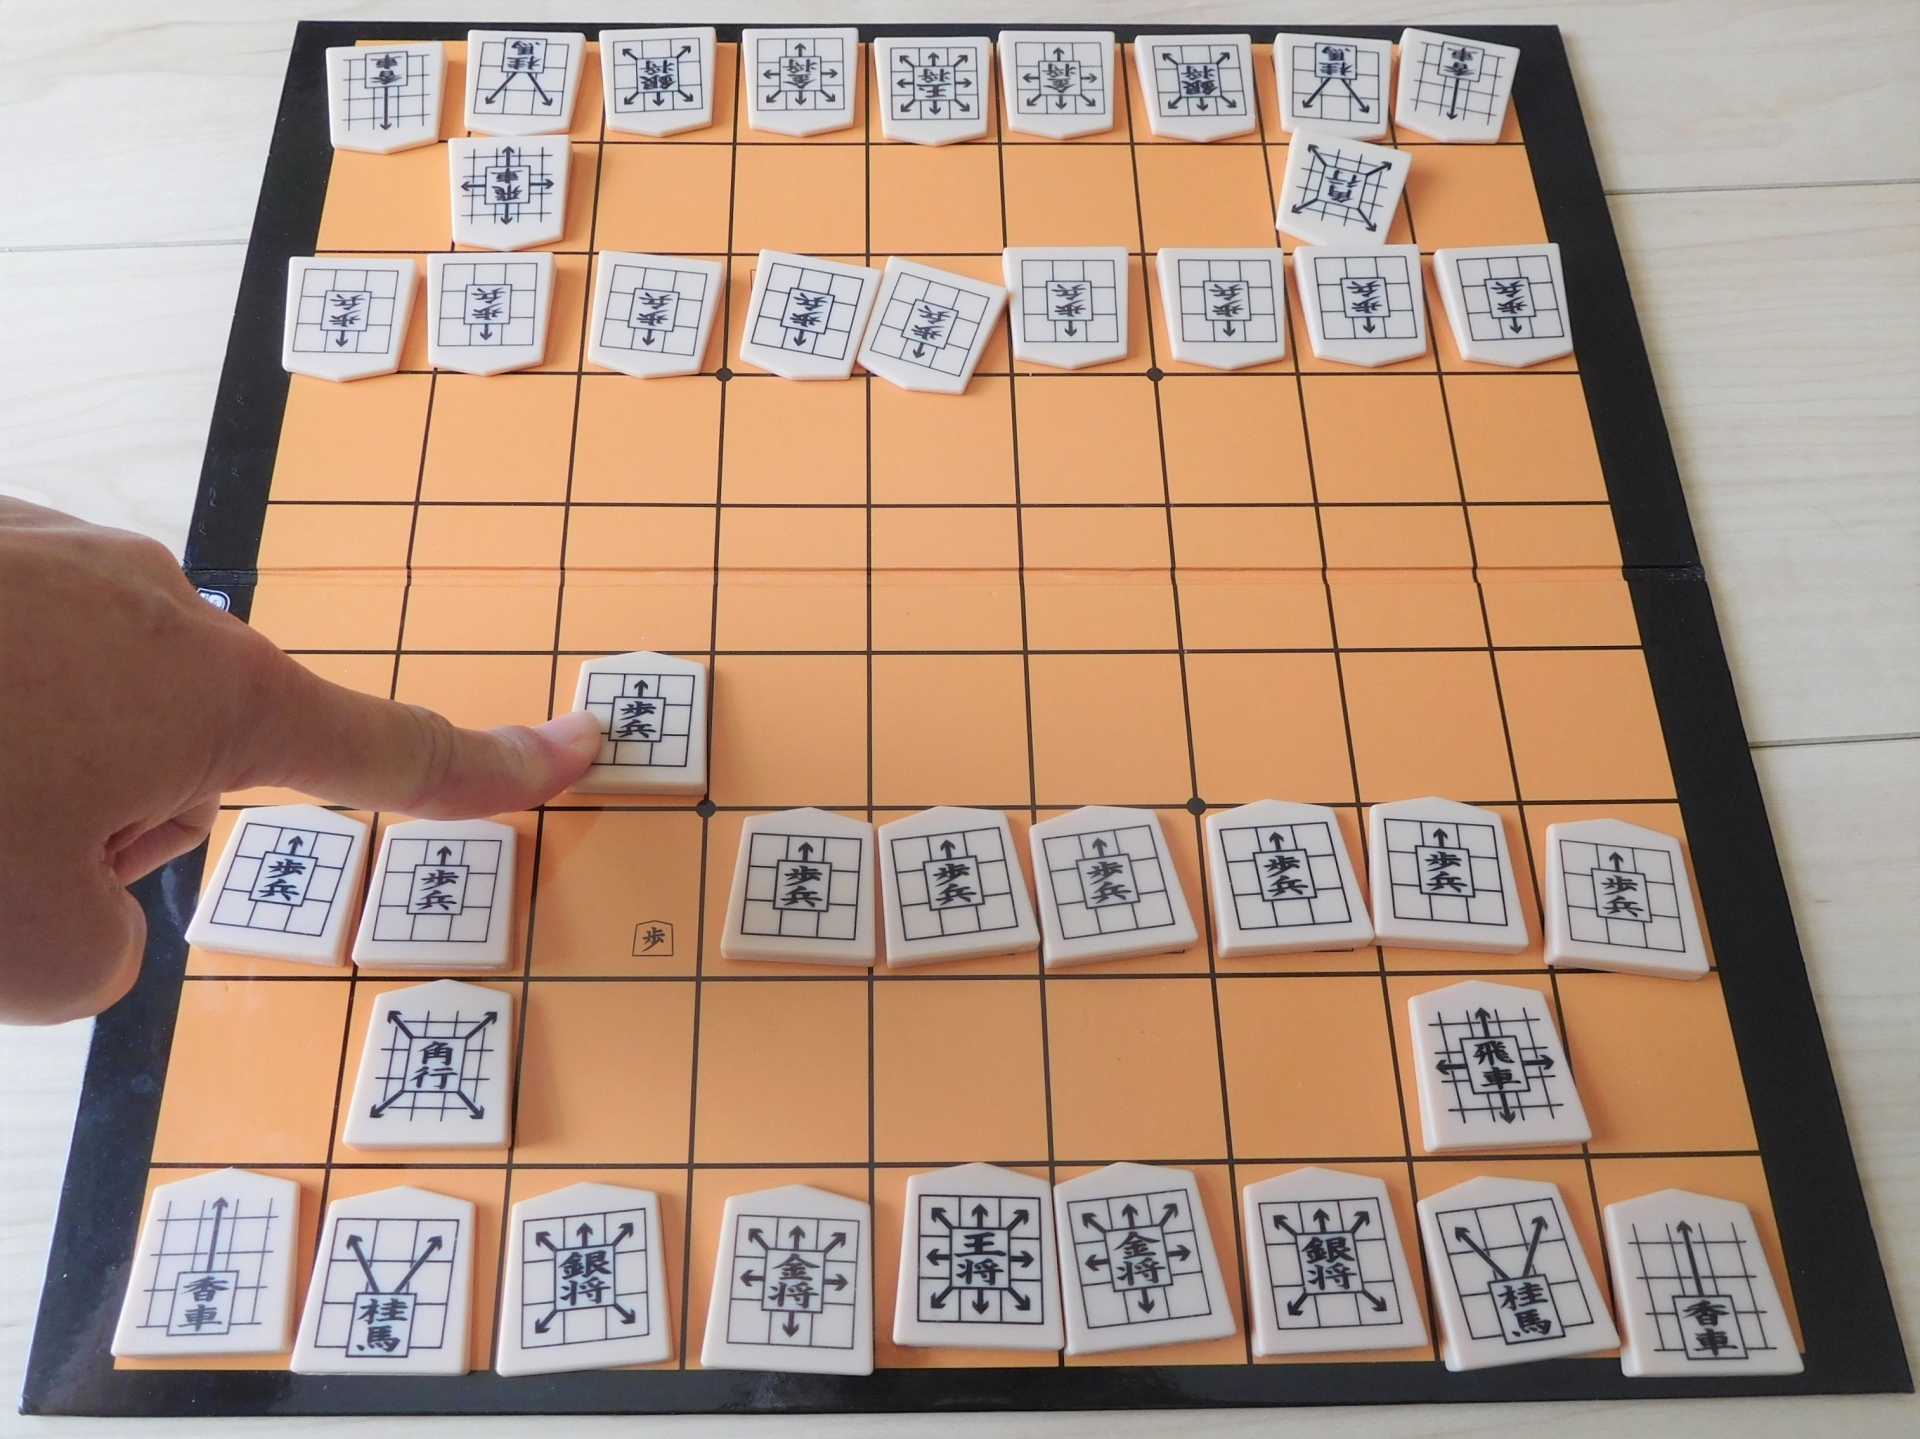 コマの動かし方が書かれた将棋のコマ